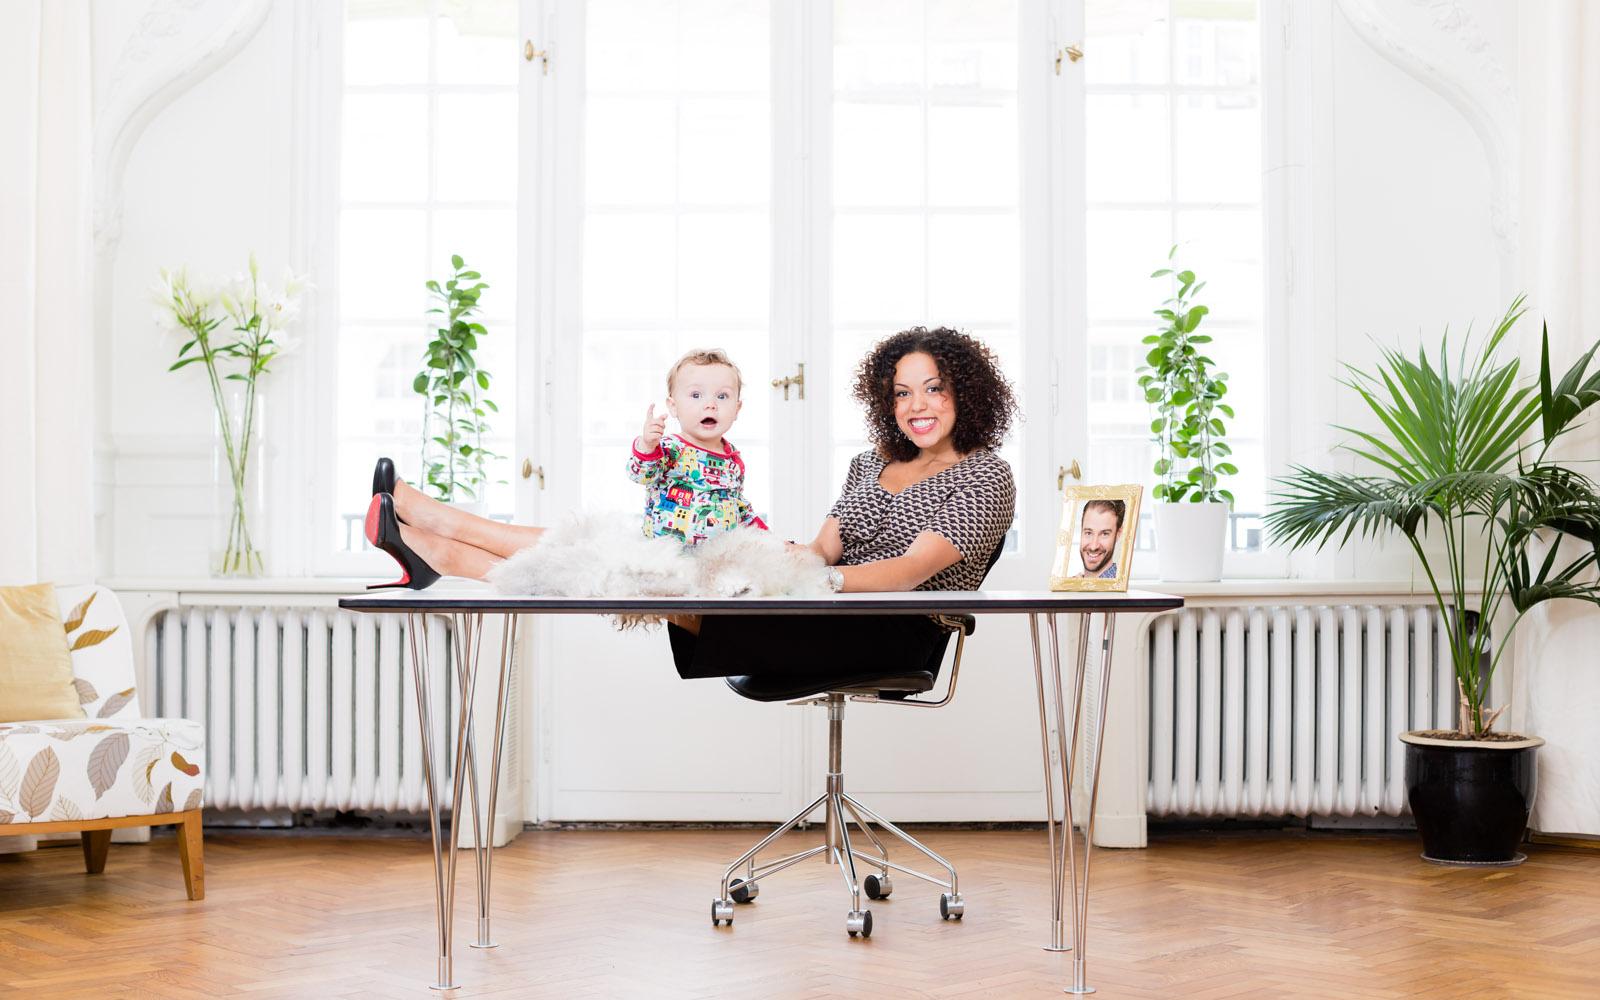 Elaine Eksvärd - Celebrity blog photographer - Kändisfotograf